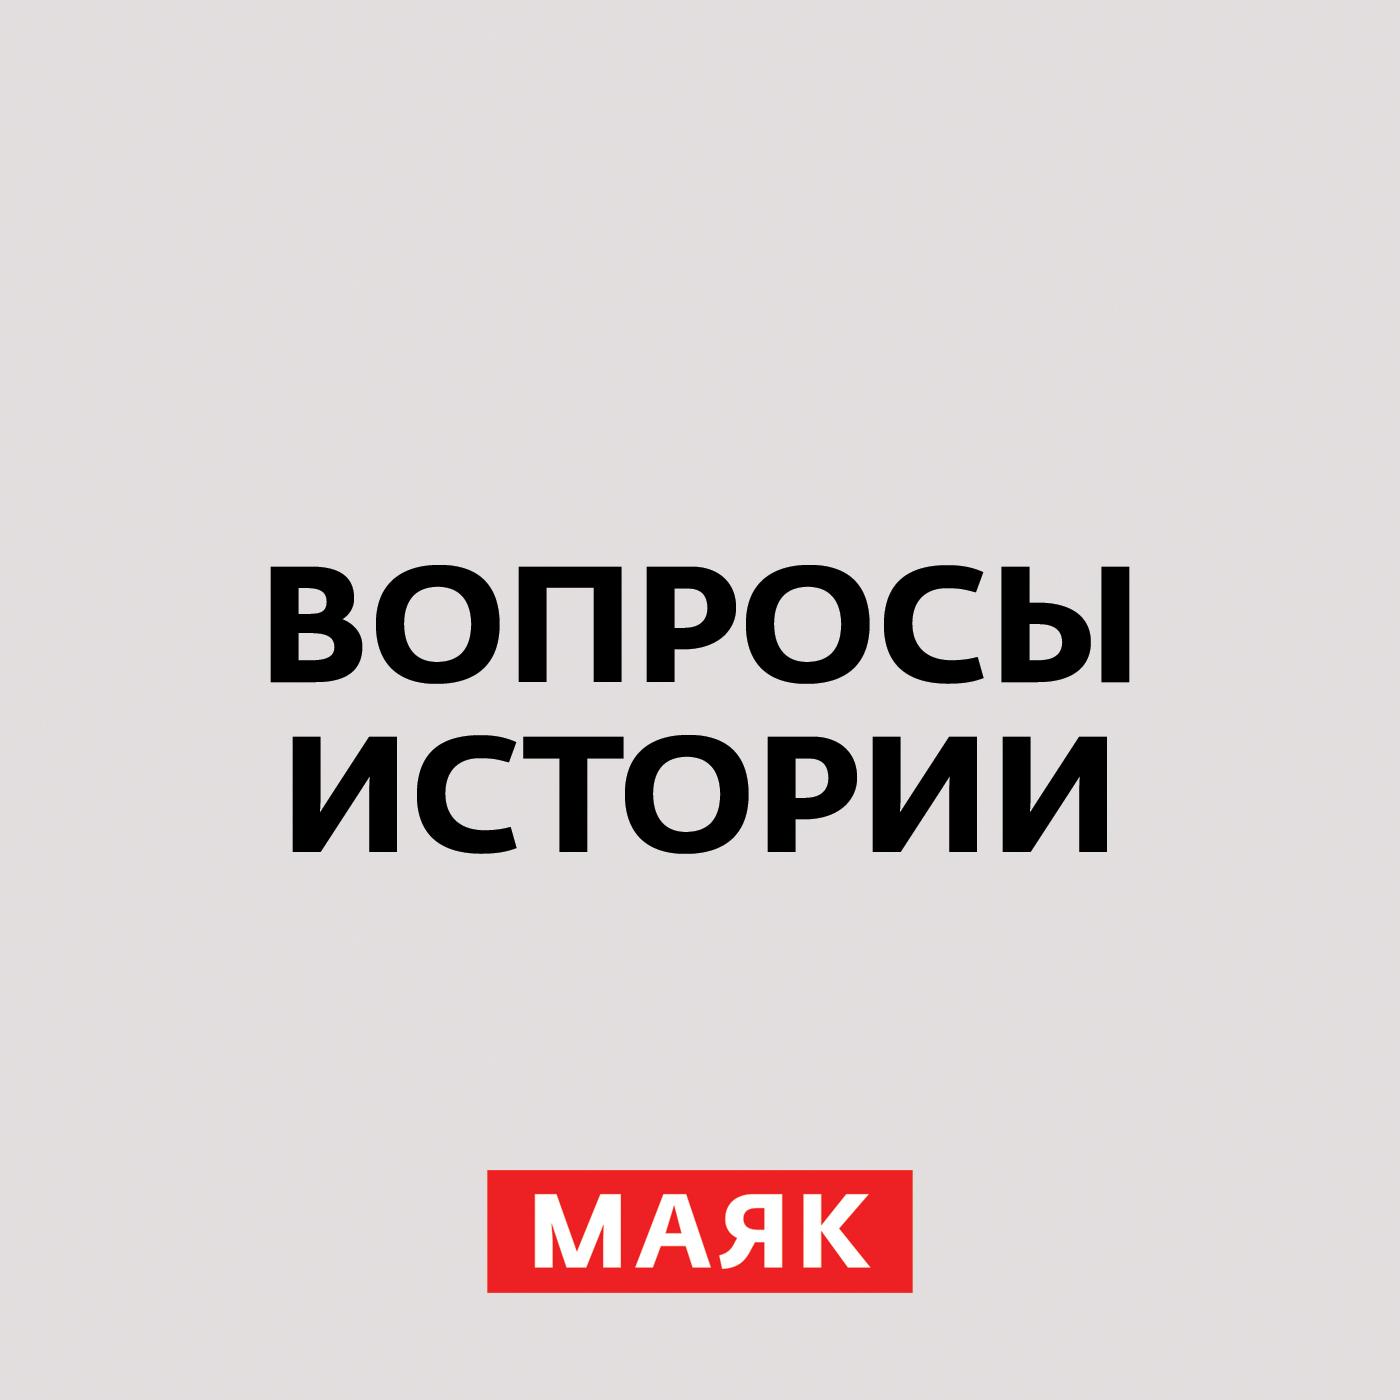 Андрей Светенко Правда о Крымской войне. Часть 3 андрей светенко речь сталина 3 июля почему каждый абзац вызывает недовольство часть 3